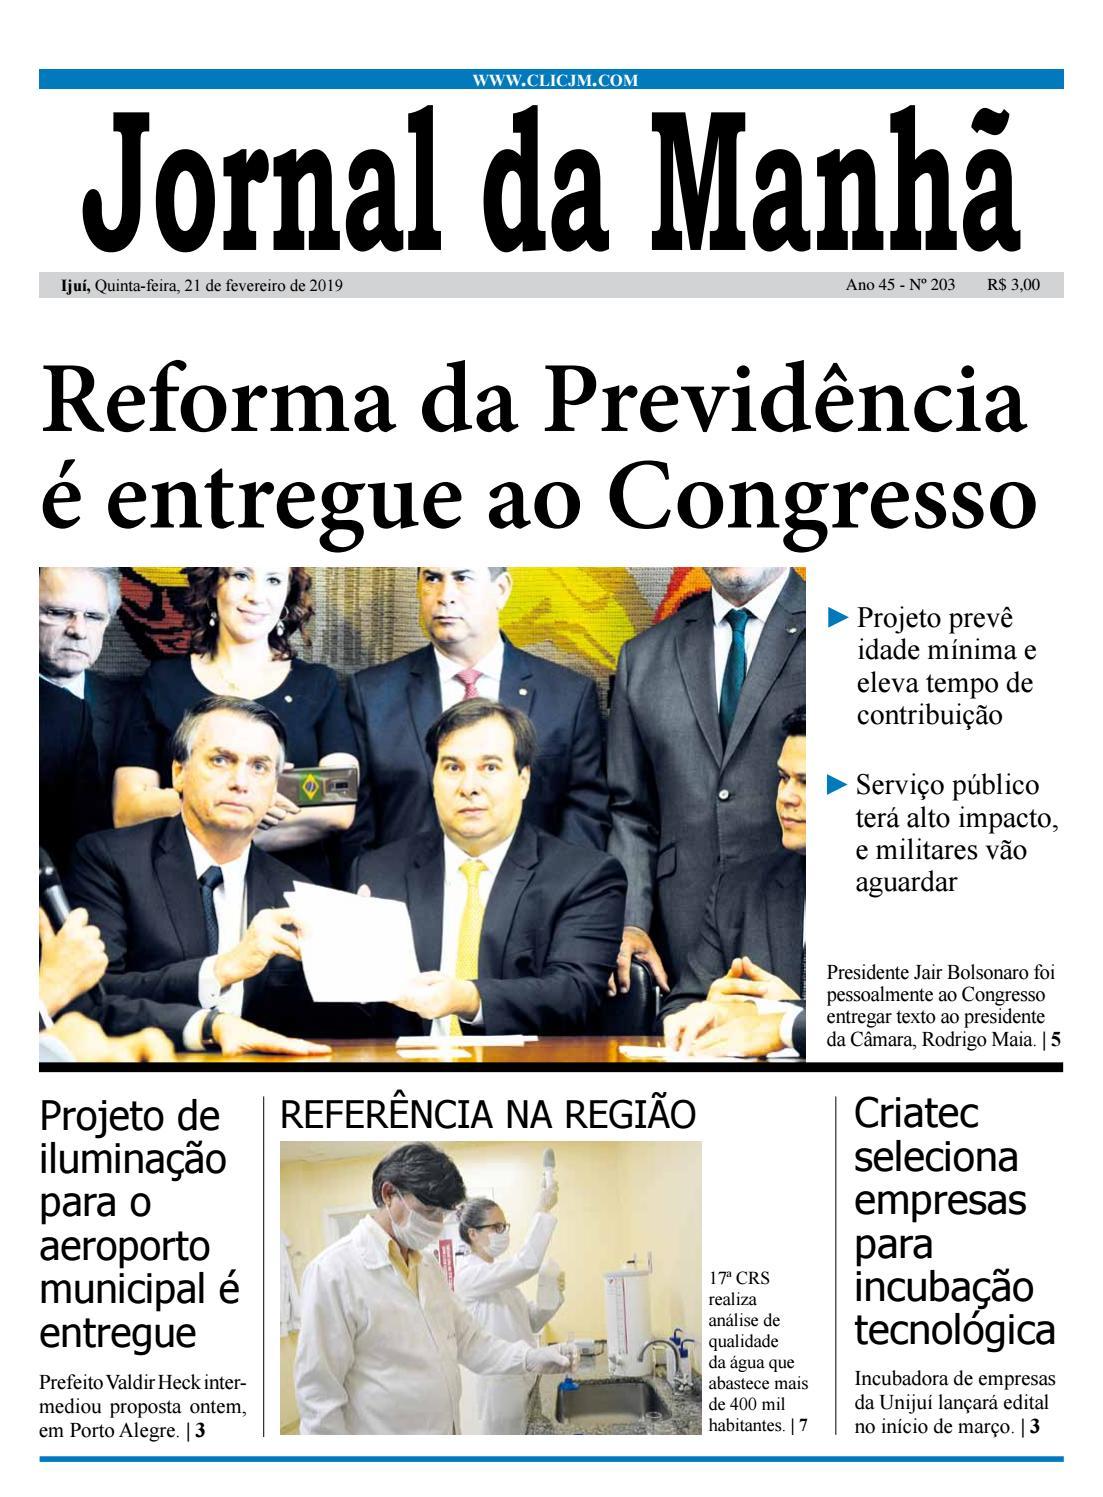 92f092e5d1f41 Jornal da Manhã - Quinta-feira - 21-02-2019 by clicjm - issuu